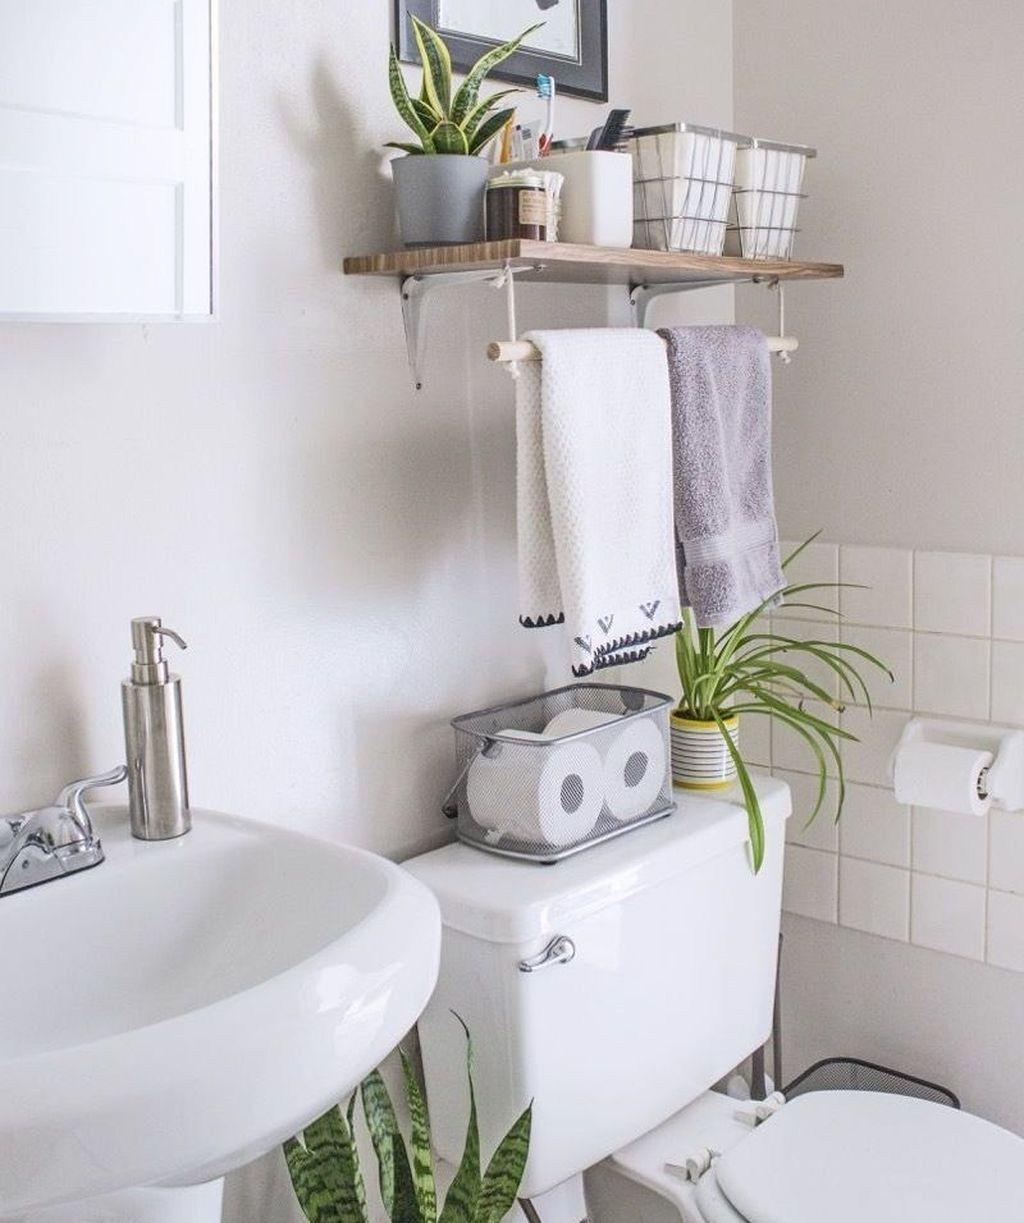 49 Schone Speicherplatze Ideen Fur Kleines Badezimmer Kleine Badezimmer Wohnung Badezimmer Dekoration Kleine Badezimmer Inspiration